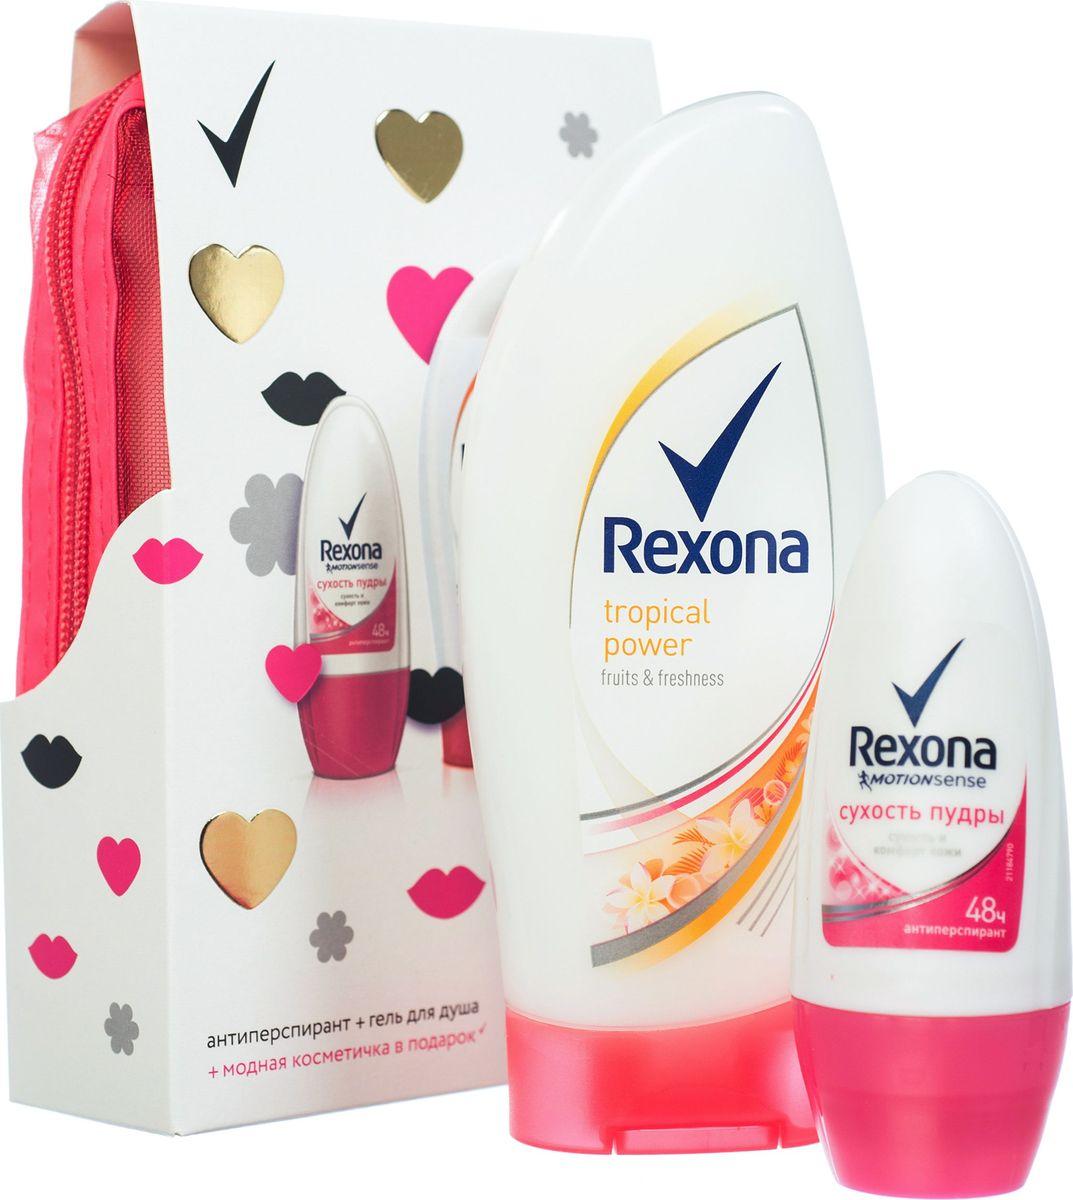 Rexona подарочный набор Be sexy67086725Продукция Rexona уже на протяжении более ста лет предоставляет своим покупателям эффективную защиту от пота и запаха. Мы демонстрирует непрерывное развитие и усовершенствование своих продуктов. Мы постоянно совершенствуем наши продукты, открывая и внедряя новые технологии, чтобы сделать дезодорант №1 в России еще лучше.«Никогда не подведет!» — под таким девизом Rexona представляет линейку современных средств от пота для женщин и мужчин. А история этой марки начинается в 1904 году с самого обычного туалетного мыла, в который были добавлены новые ингредиенты для большего аромата. И тогда, и сейчас Рексона заботится о том, чтобы неприятный запах пота не портил человеку настроение и ощущения в течение дня.Антиперспиранты Rexona • Не маскируют, а помогают устранить главную причину неприятного запаха – бактерии.• В 10 раз лучше защита от бактерий, вызывающих неприятный запах.• Не раздражают и бережно относятся к естественной микрофлоре нежной кожи в зоне подмышек• Инновационная формула представлена во всех форматах и линейках Rexona и Rexona Men.• Уникальные микрокапсулы свежести раскрываются при каждом твоем движении, сохраняя ощущение свежести с утра до вечера.• Доказанная защита от пота в стрессовых ситуациях.• Моментально высыхают без ощущения липкости и дискомфорта• Содержит 90% ухаживающих компонентов• Научно подтверждено: в 3 раза эффективнее обычного антиперспиранта.• Эффективно предотвращают появление белых следов и желтых пятен на одежде и коже. В составе набора: Гель для душа Rexona Тропическая Свежесть 250 мл, антиперспирант Rexona Сухость Пудры с нежным цветочно-пудровым ароматом 50 для ощущения свежести и частоты на весь день!??Ощути свою восхитительную утонченность и насладись магией экзотических ароматов с гелем для душа Rexona Тропическая Свежесть 250 мл. А свежесть и защиту на весь день тебе обеспечит антиперспирант Rexona Сухость Пудры 50 мл с нежным цветочно-пудровым ароматом. Наполни утро волнительной легкостью и